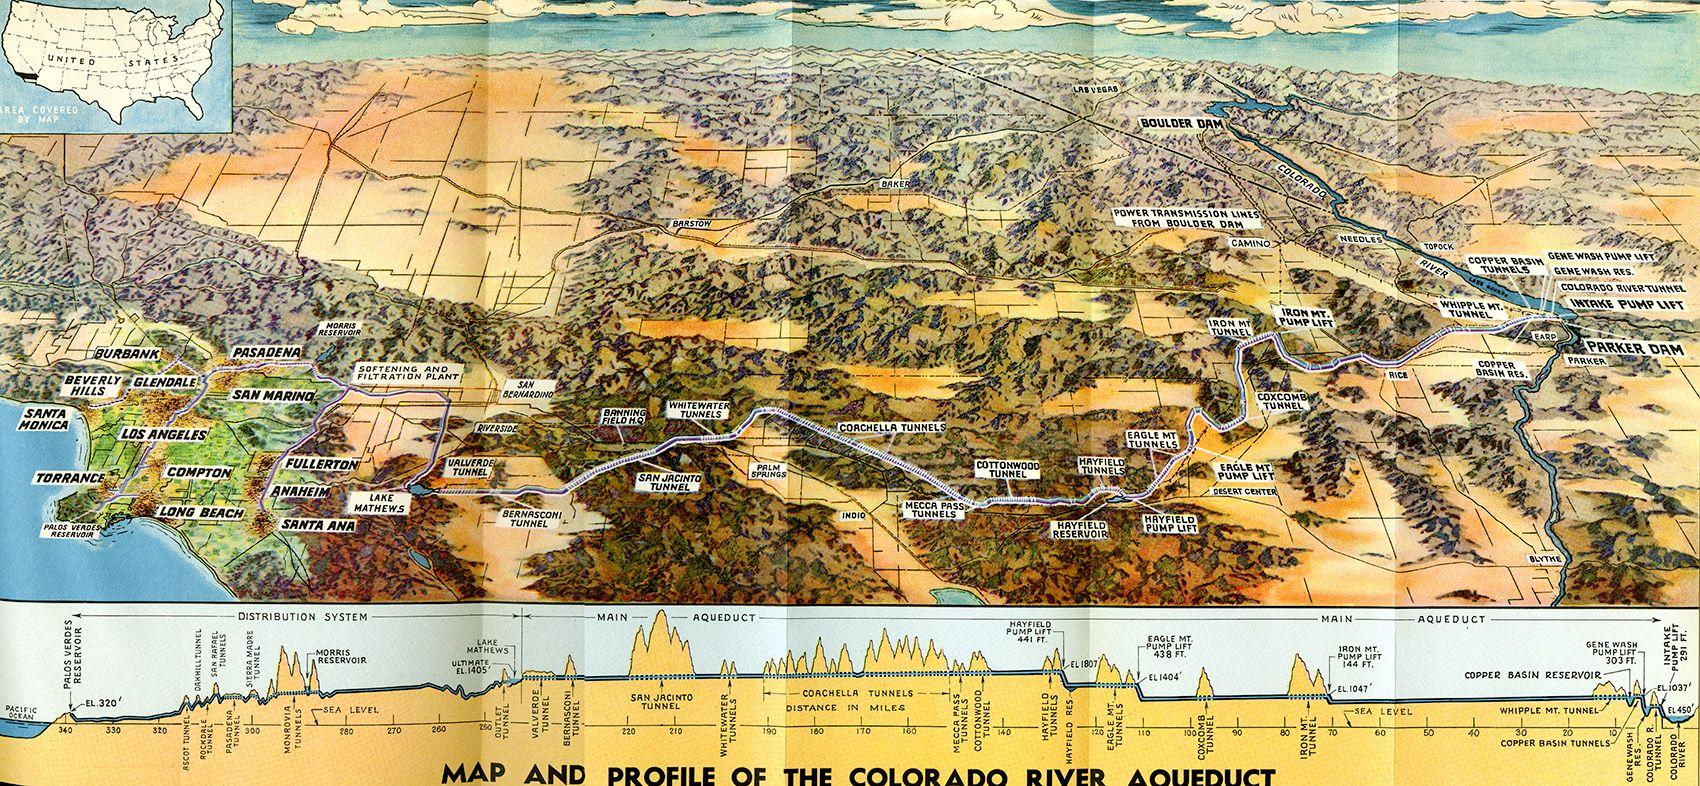 Colorado River Aqueduct 1938 Metropolitan Water